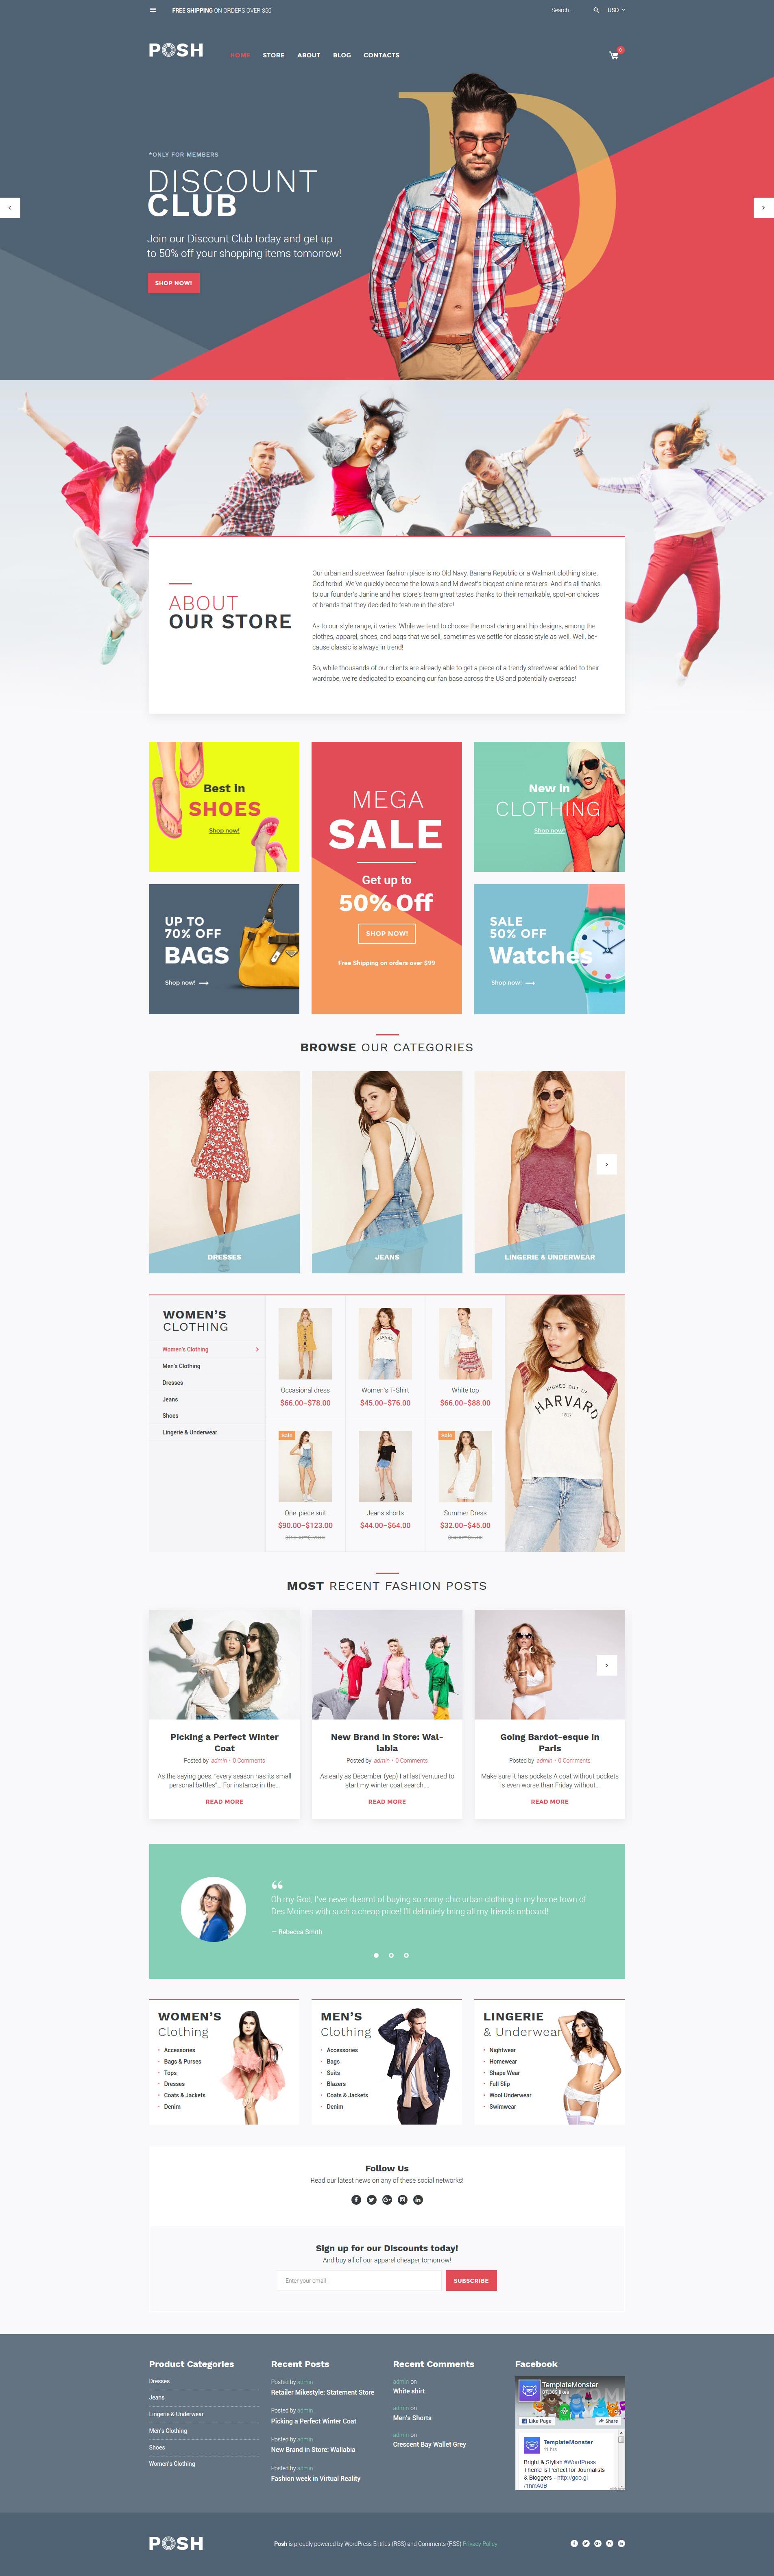 Posh - Urban Fashion №59038 - скриншот